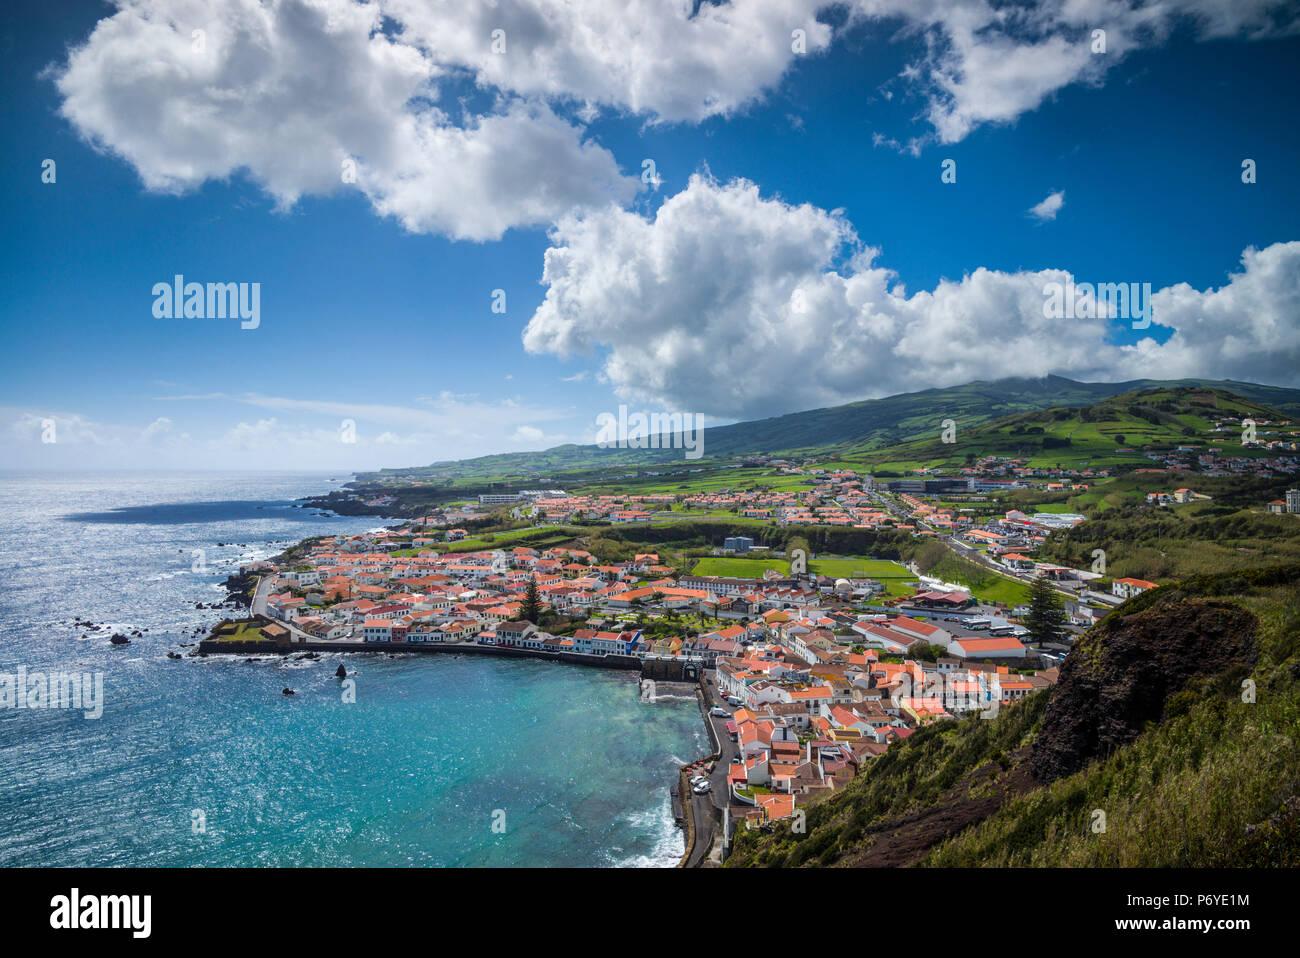 Le Portugal, Açores, île de Faial, Horta, le vieux port de Porto Pim Photo Stock